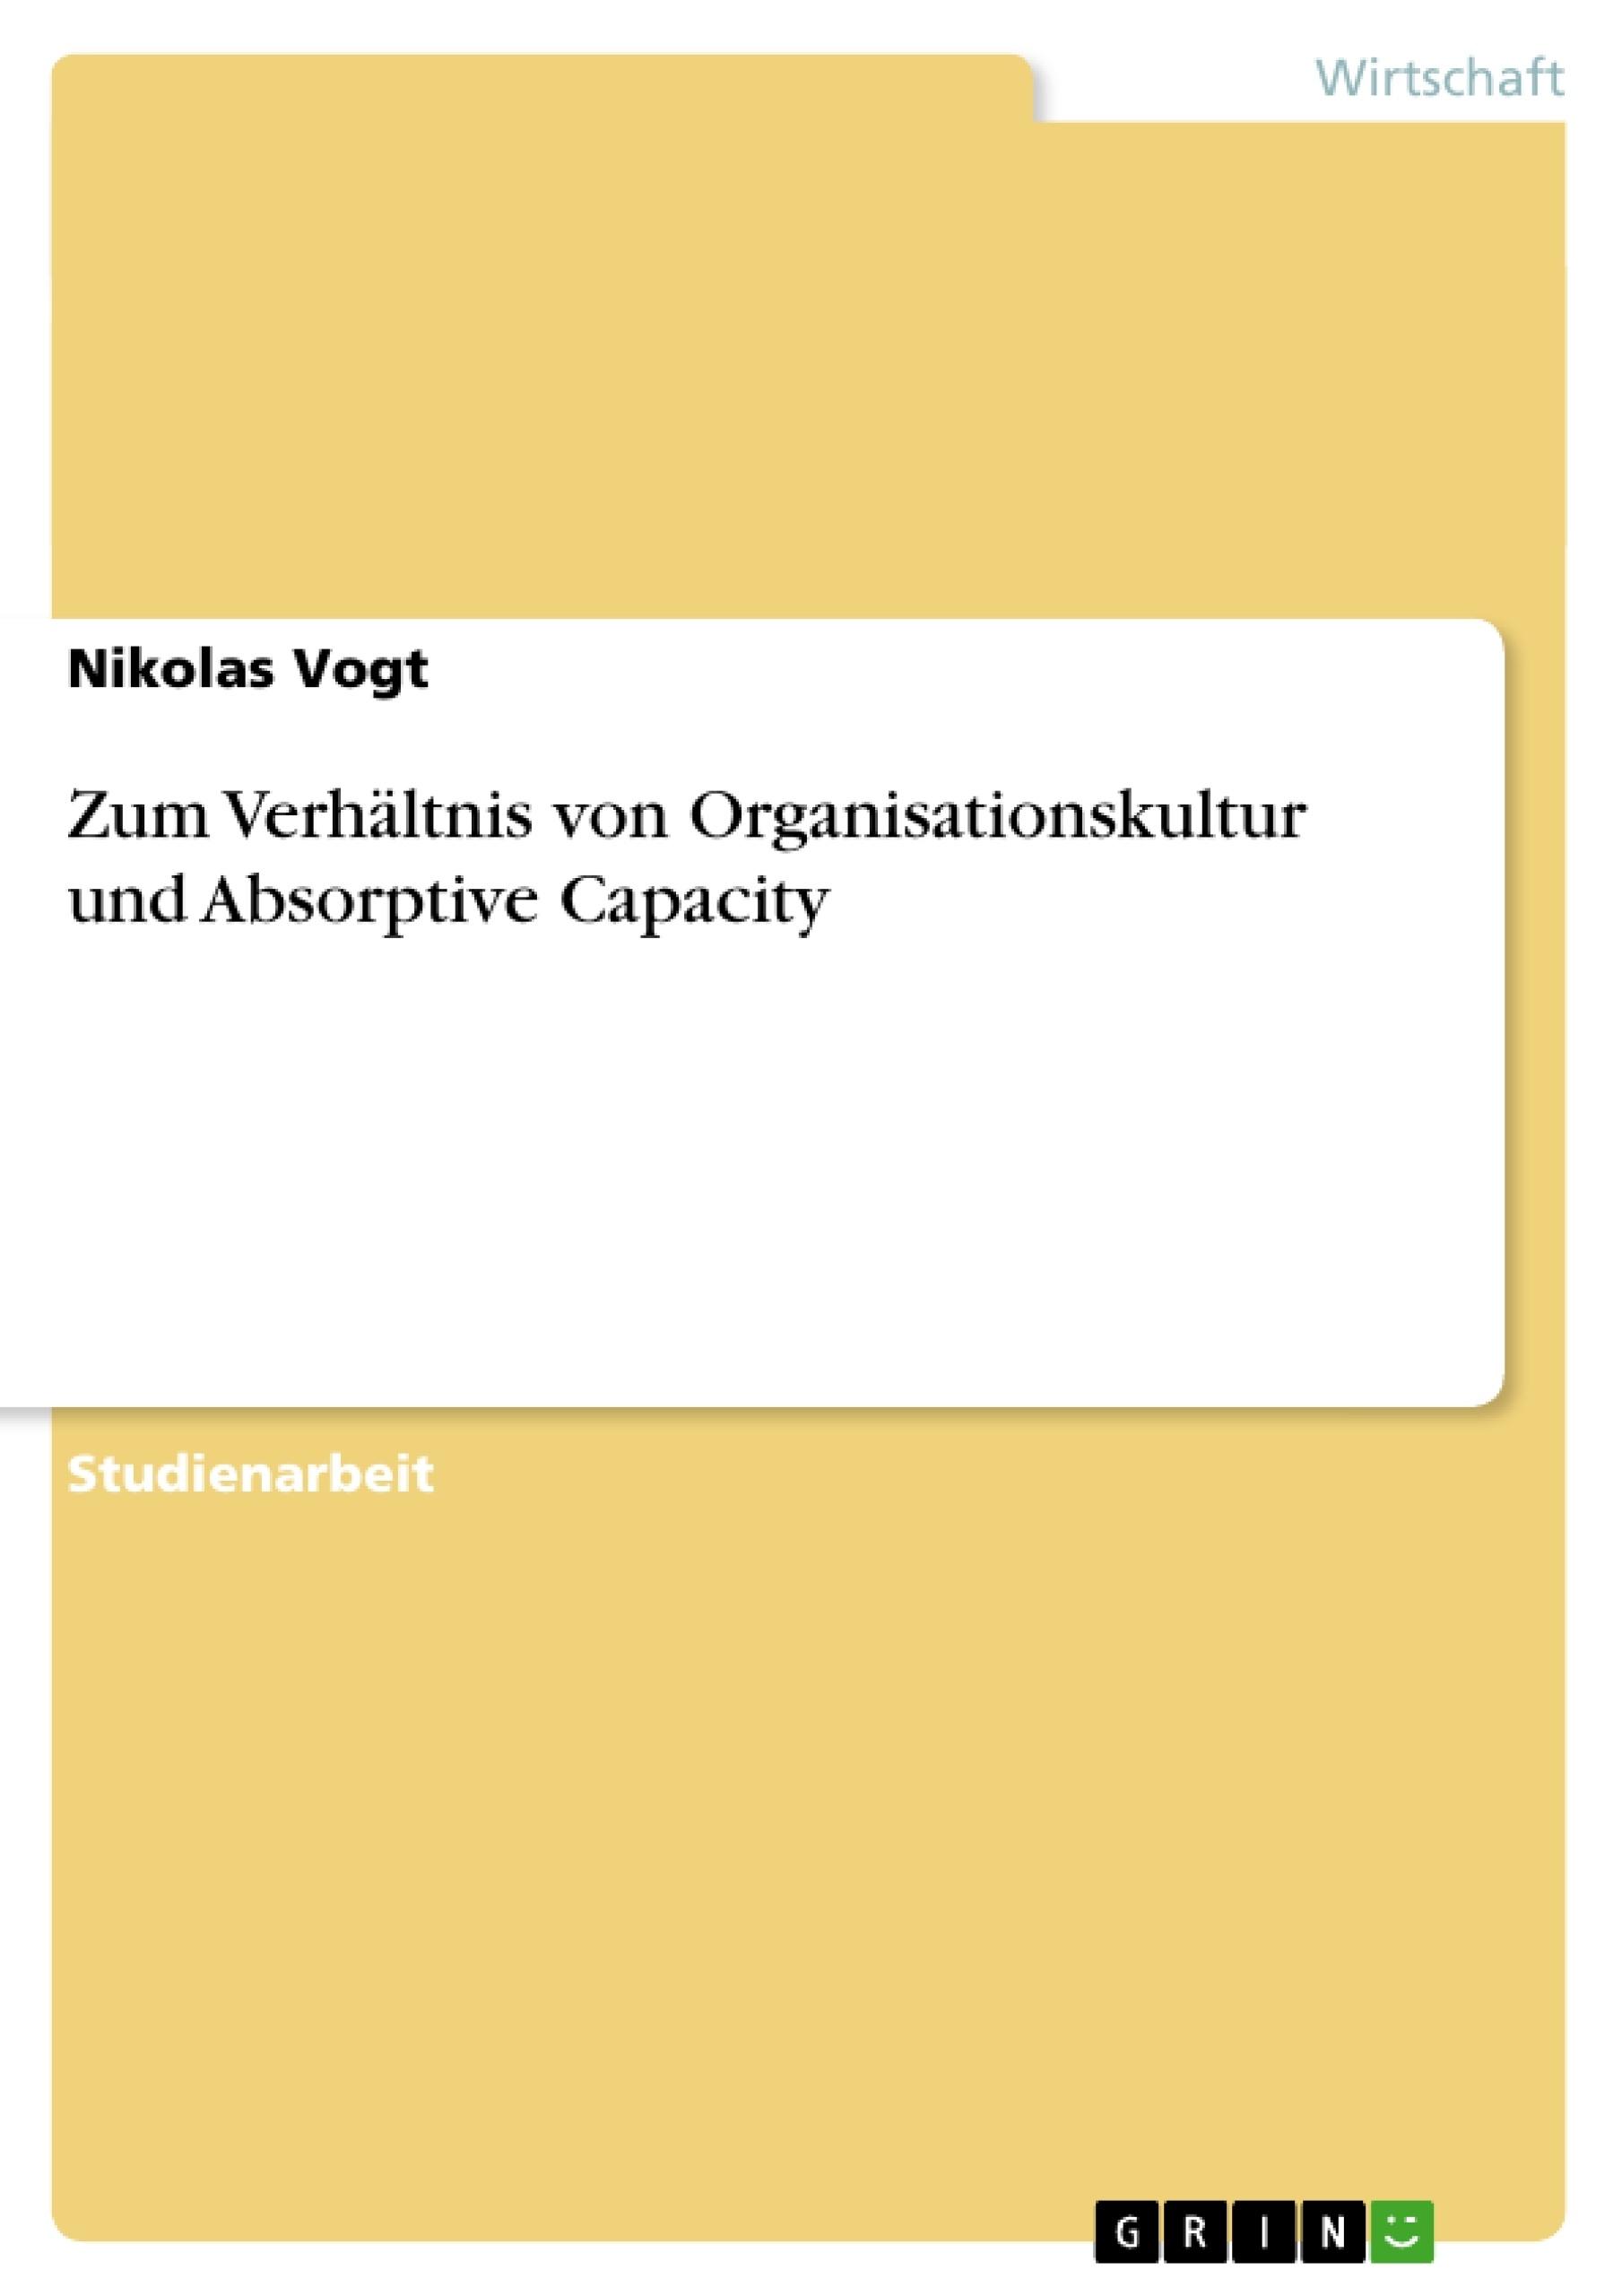 Titel: Zum Verhältnis von Organisationskultur und Absorptive Capacity